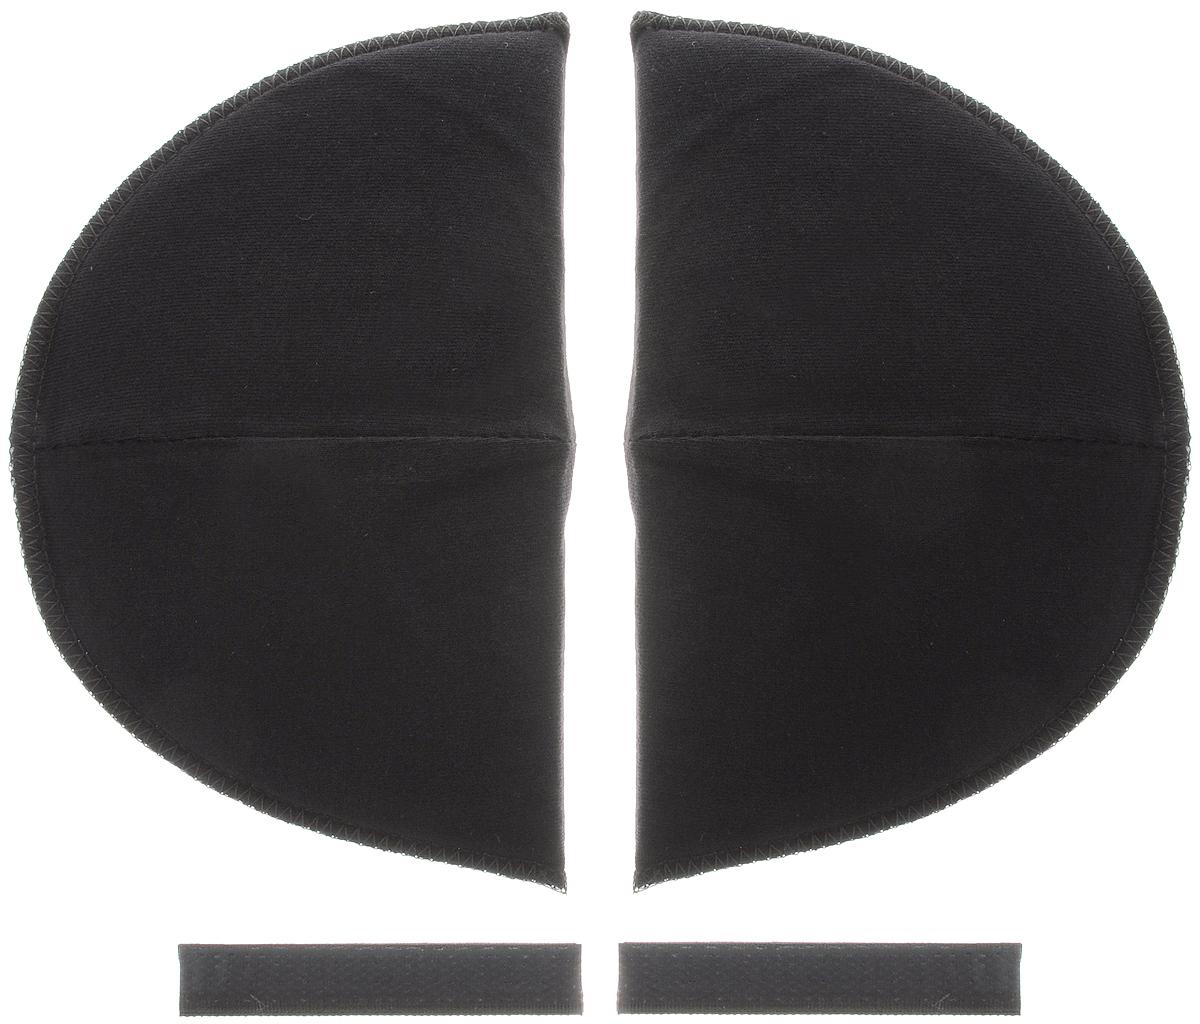 Накладки плечевые Hemline для втачных рукавов, на липучке, большие, цвет: черный, толщина 13 мм, 2 шт902.LBПлечевые накладки Hemline, выполненные из поролона и хлопка, используются при пошиве блузок и платьев из легких тканей со втачной формой рукава. Они не соскальзывают с плеч, благодаря застежке-липучке, которую можно зафиксировать с помощью утюга или пришить. Края накладок обметаны. Размер: 16 х 10 см.